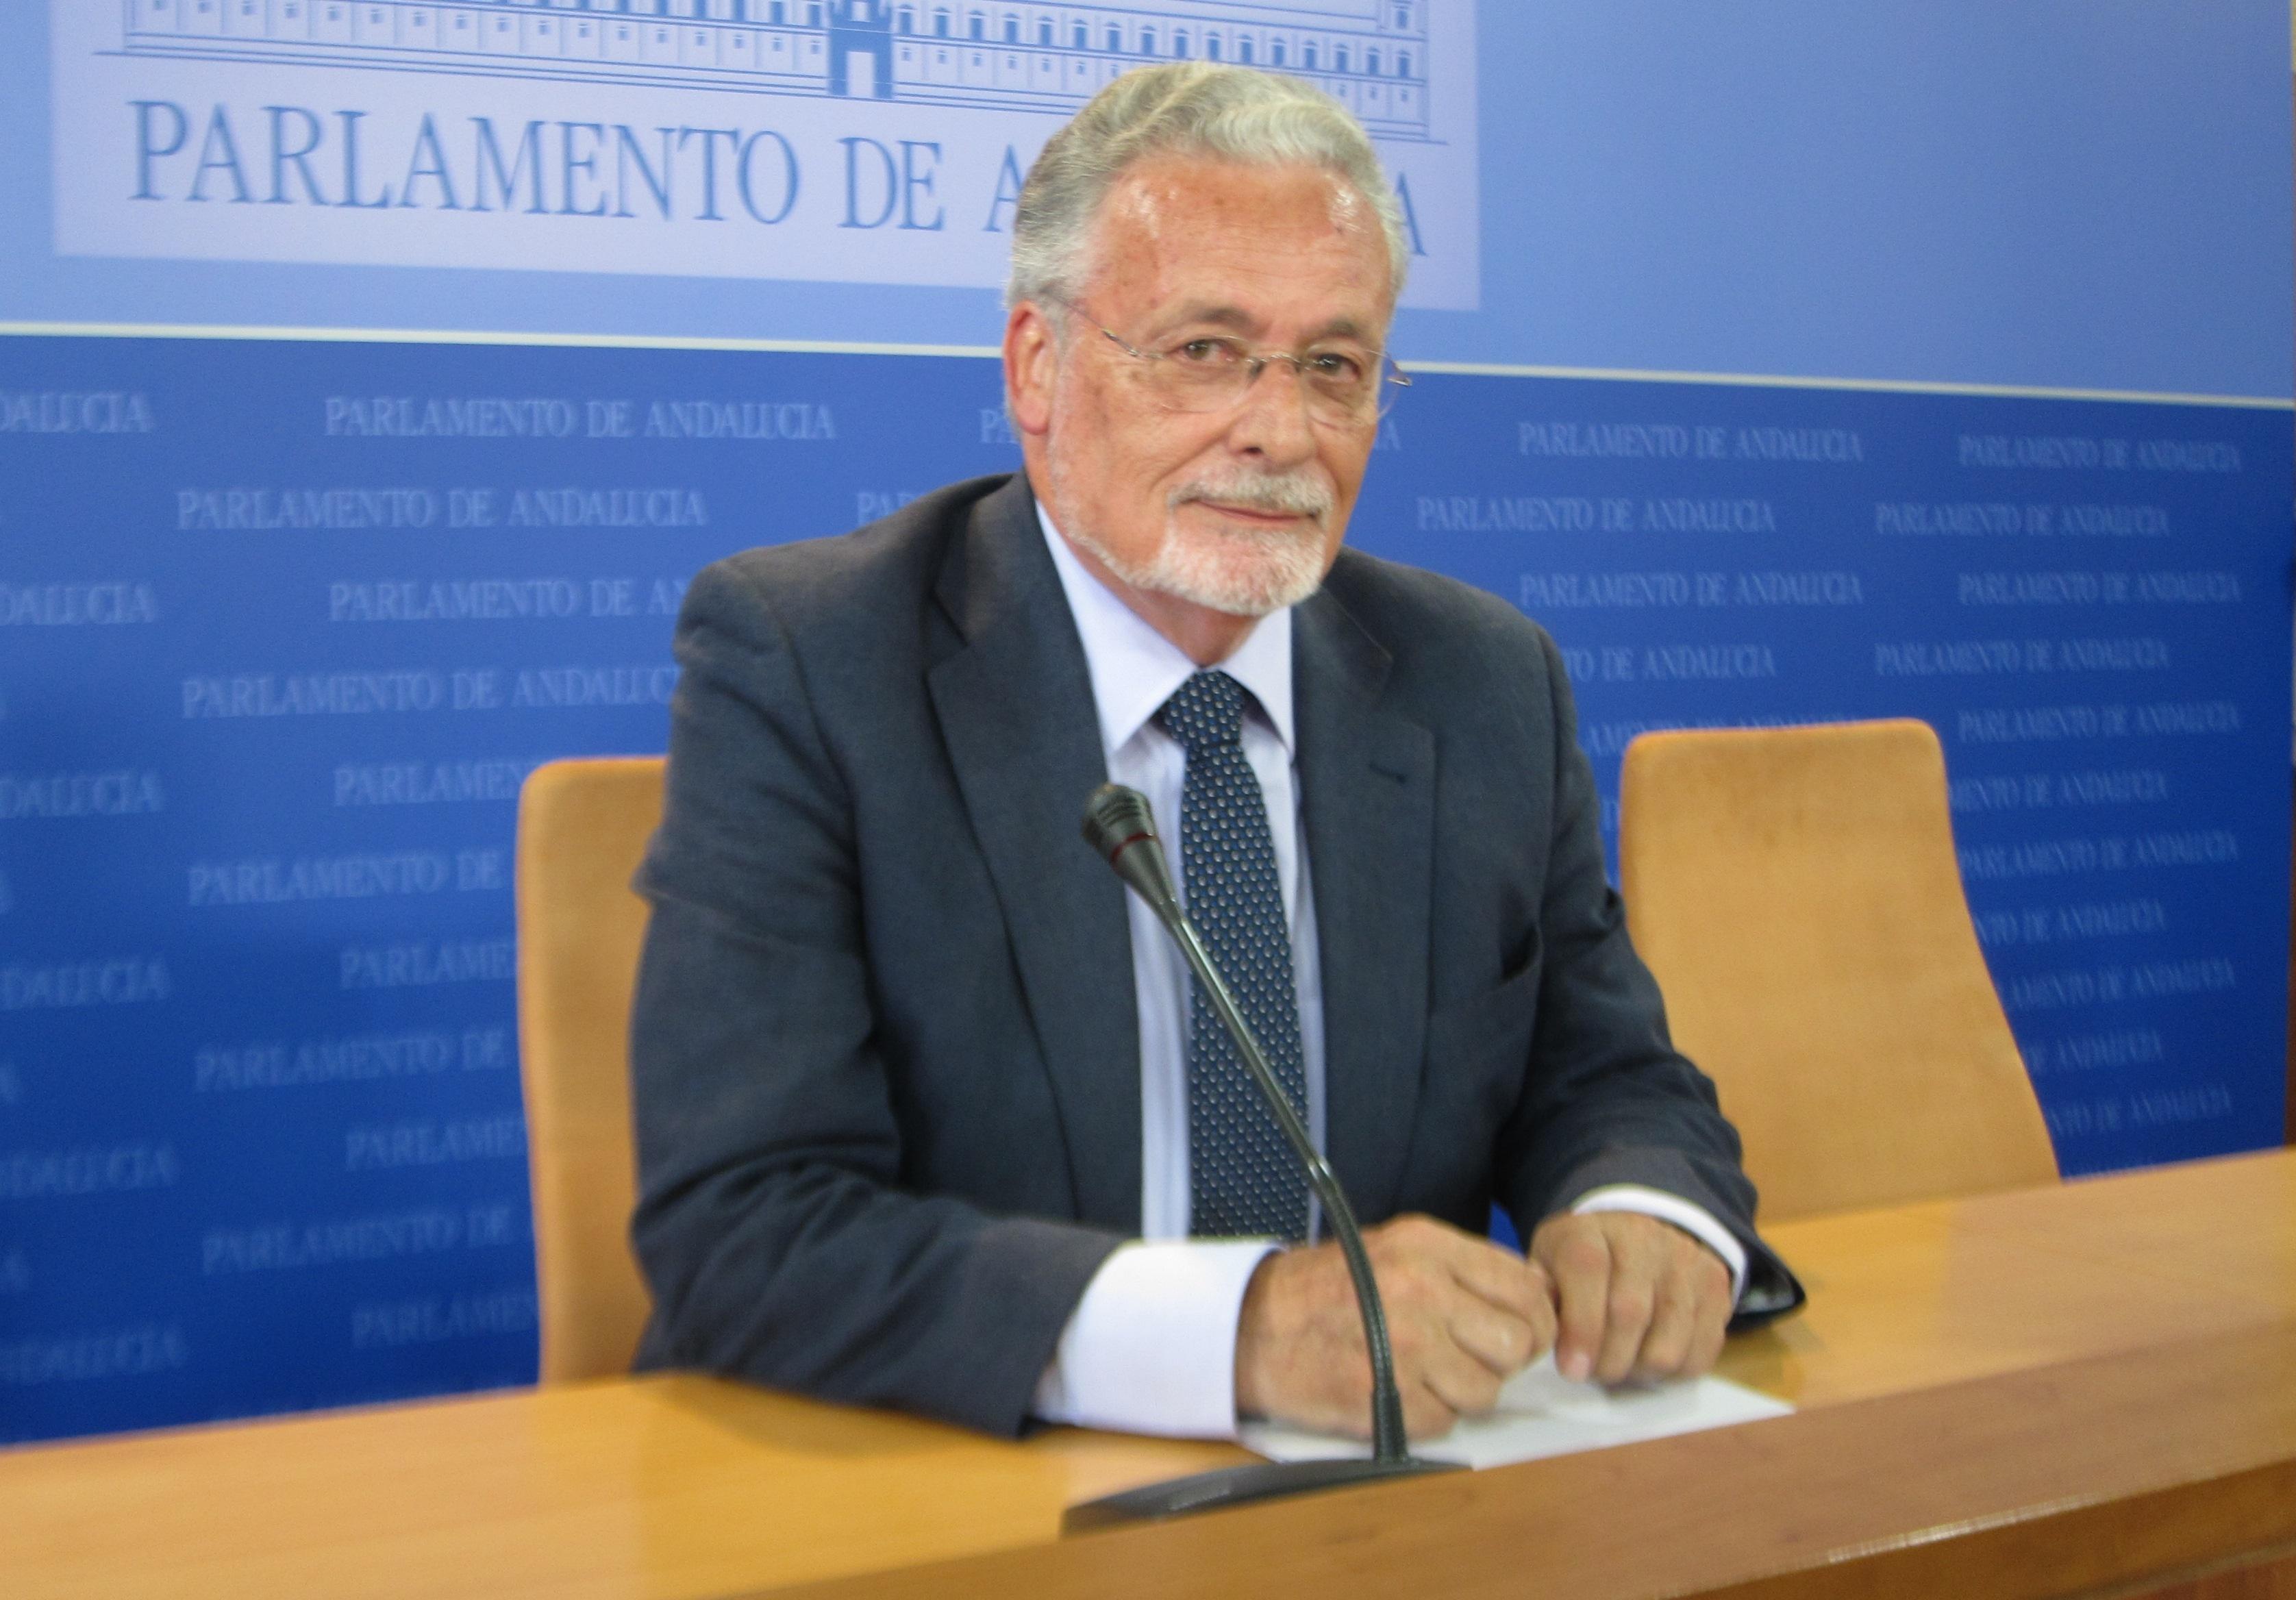 Maeztu, convencido de que actuará «con imparcialidad», cree que «empieza bien» tras el respaldo «unánime» del Parlamento